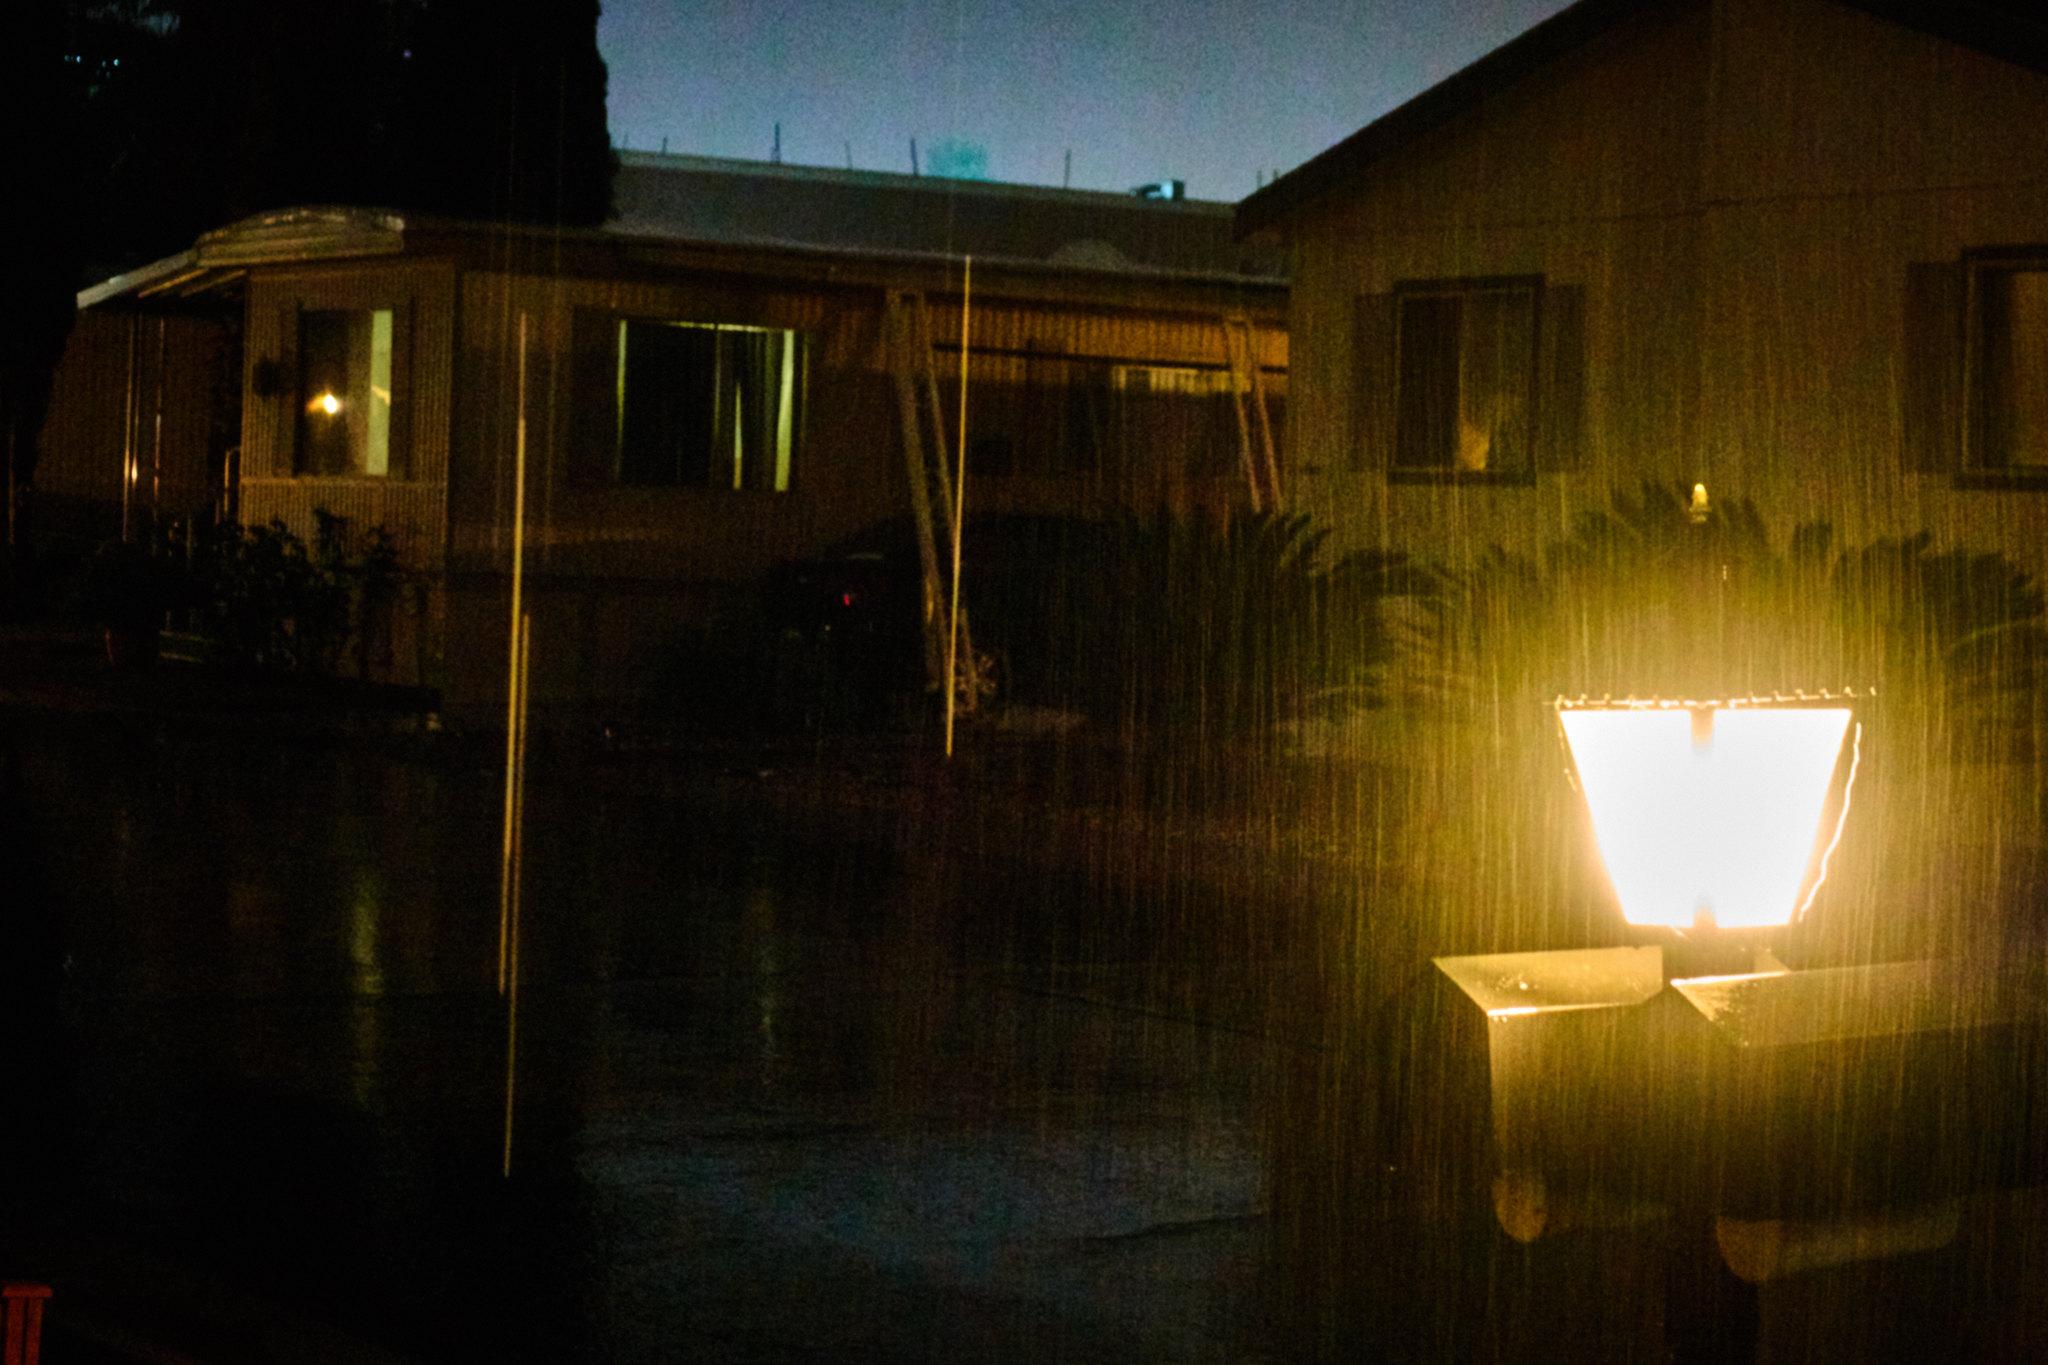 Rain, Mailbox, Night